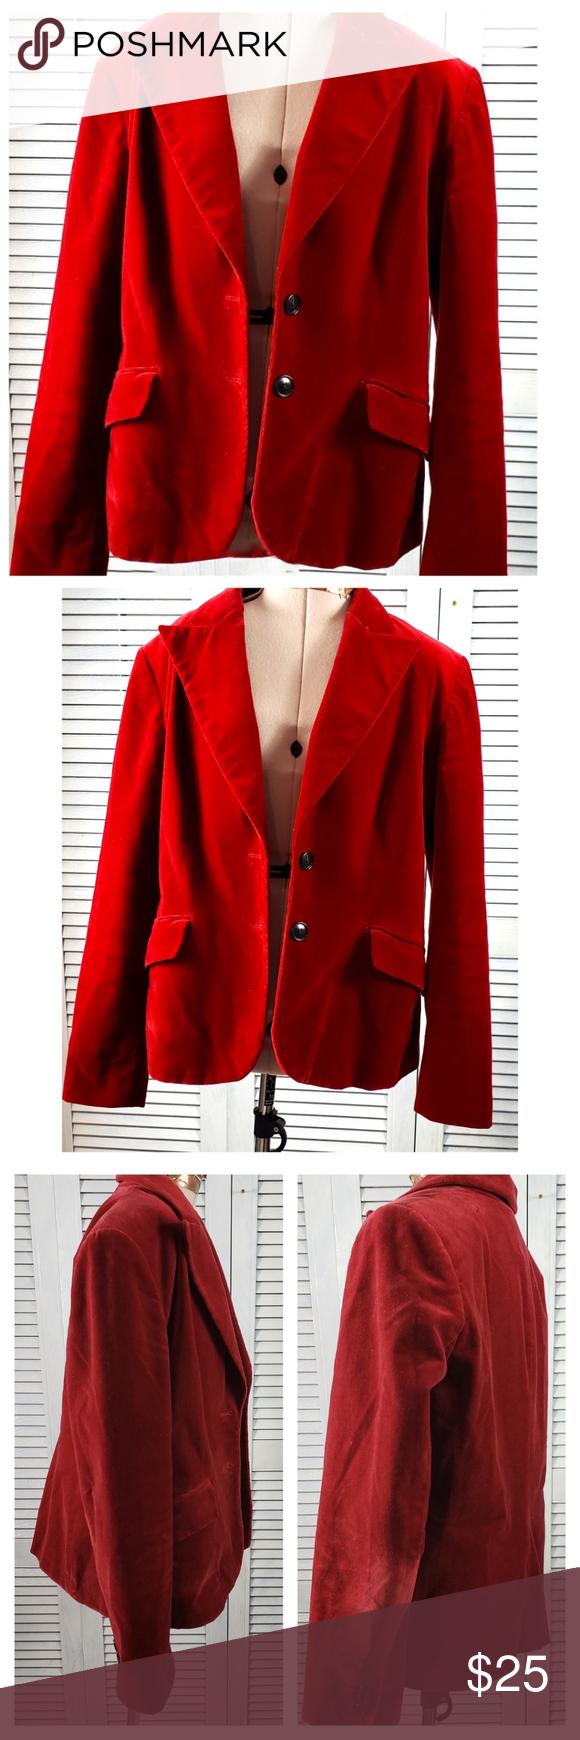 Kasper Red Velvet 2 Button Blazer Jacket Petite 10 Kasper Red Velvet 2 Button Bl…